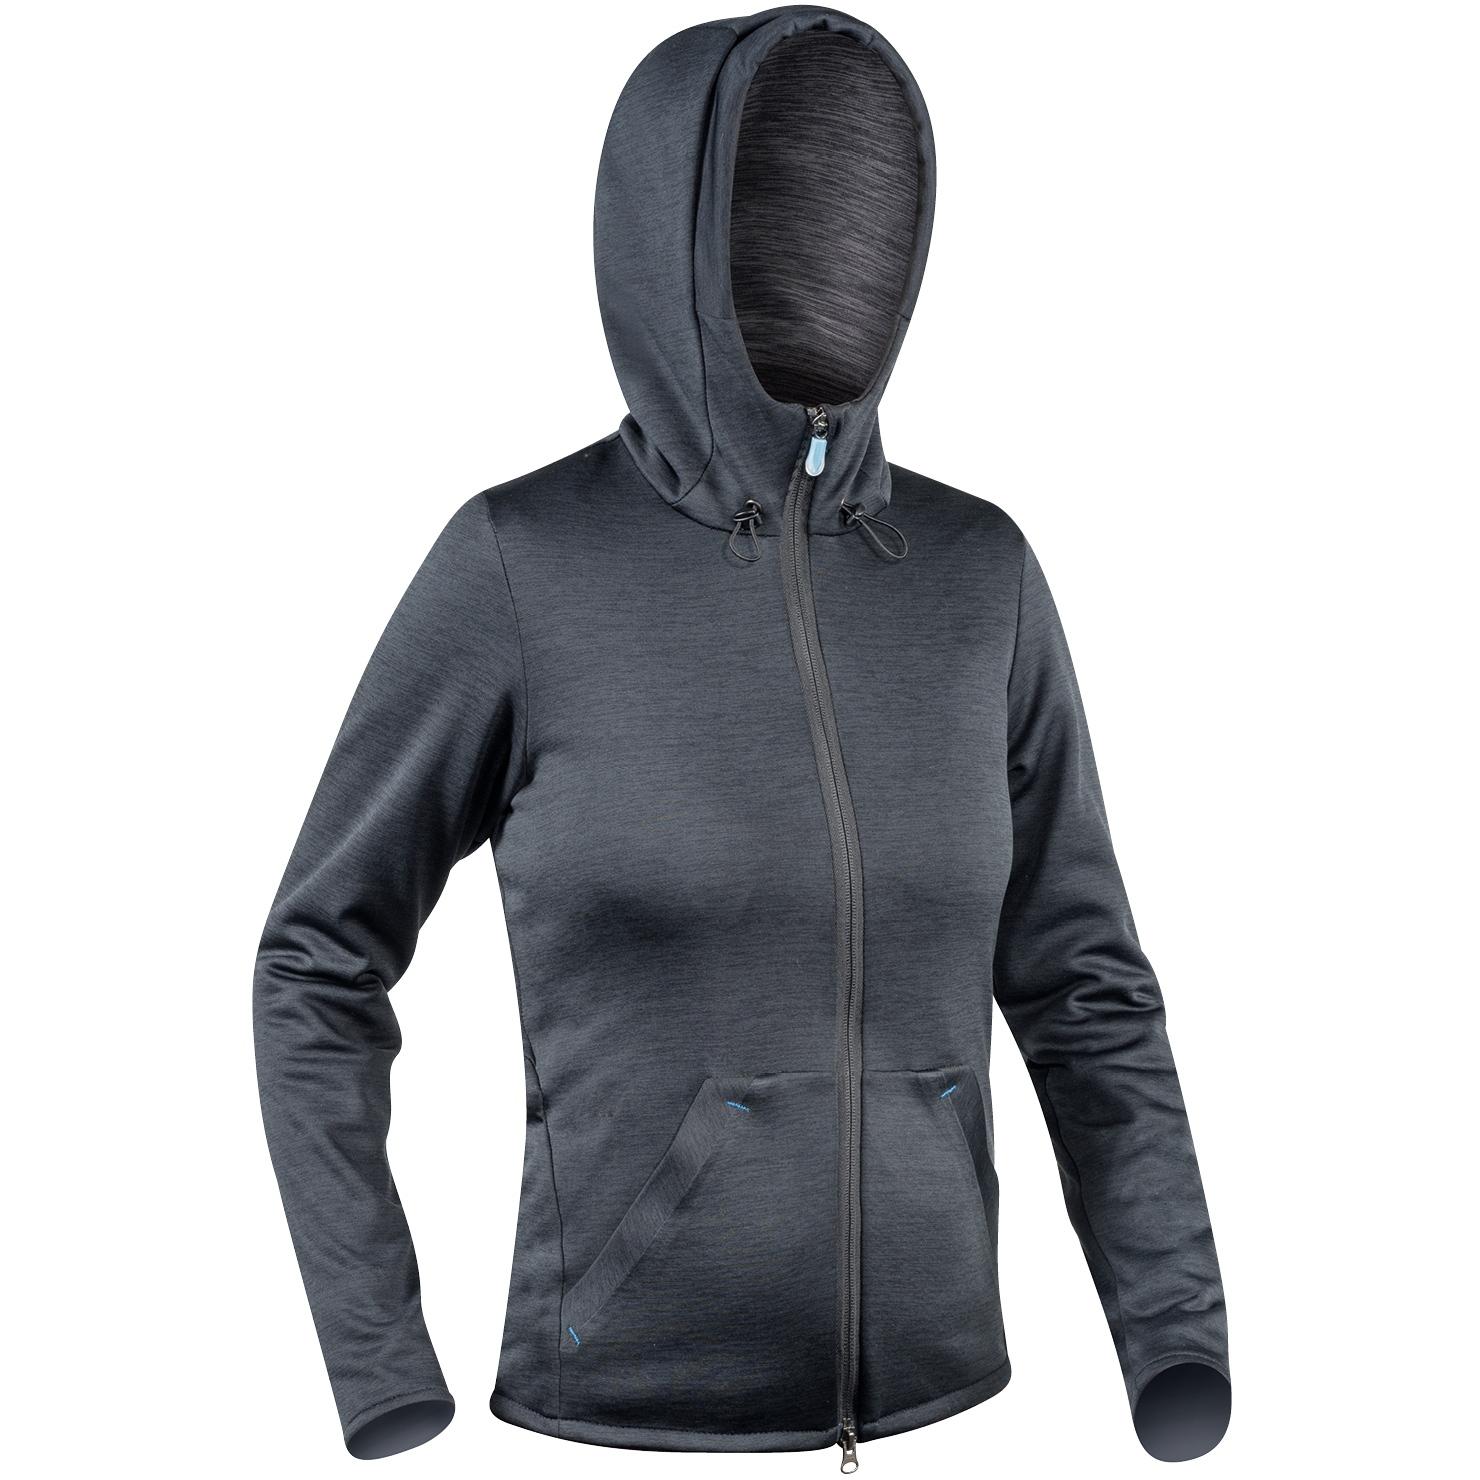 Produktbild von Komperdell Full Zip Hoody Damen Protektorenjacke